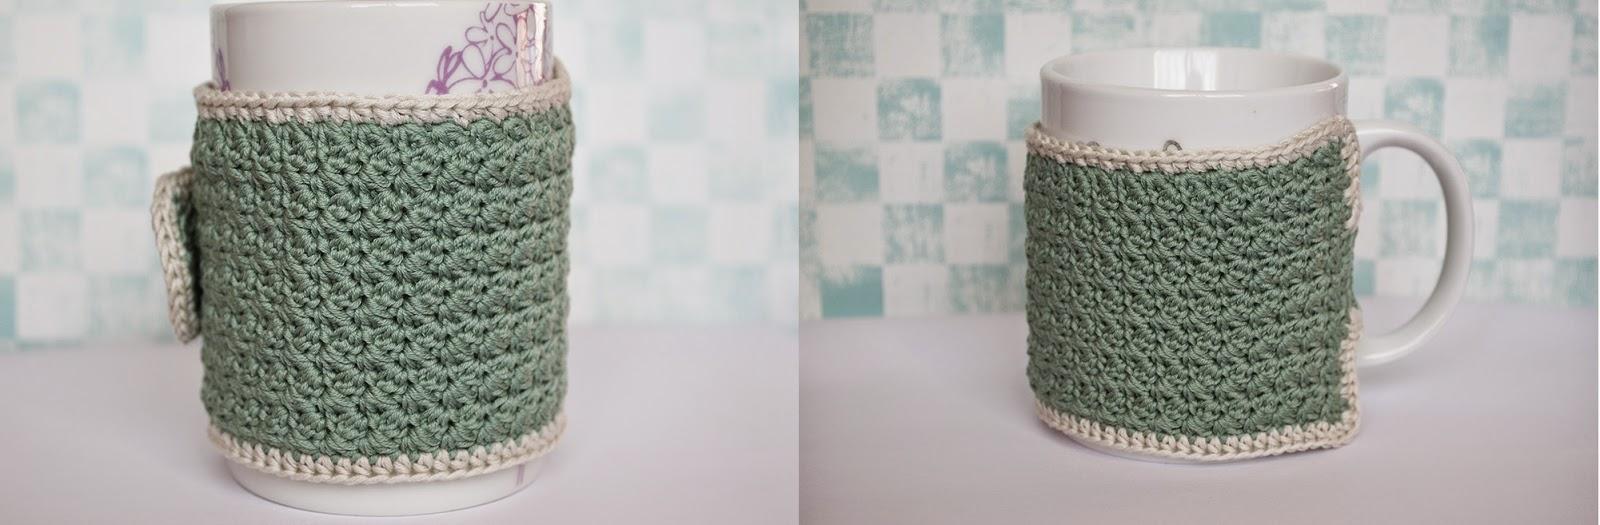 Funda de ganchillo para taza de color jade